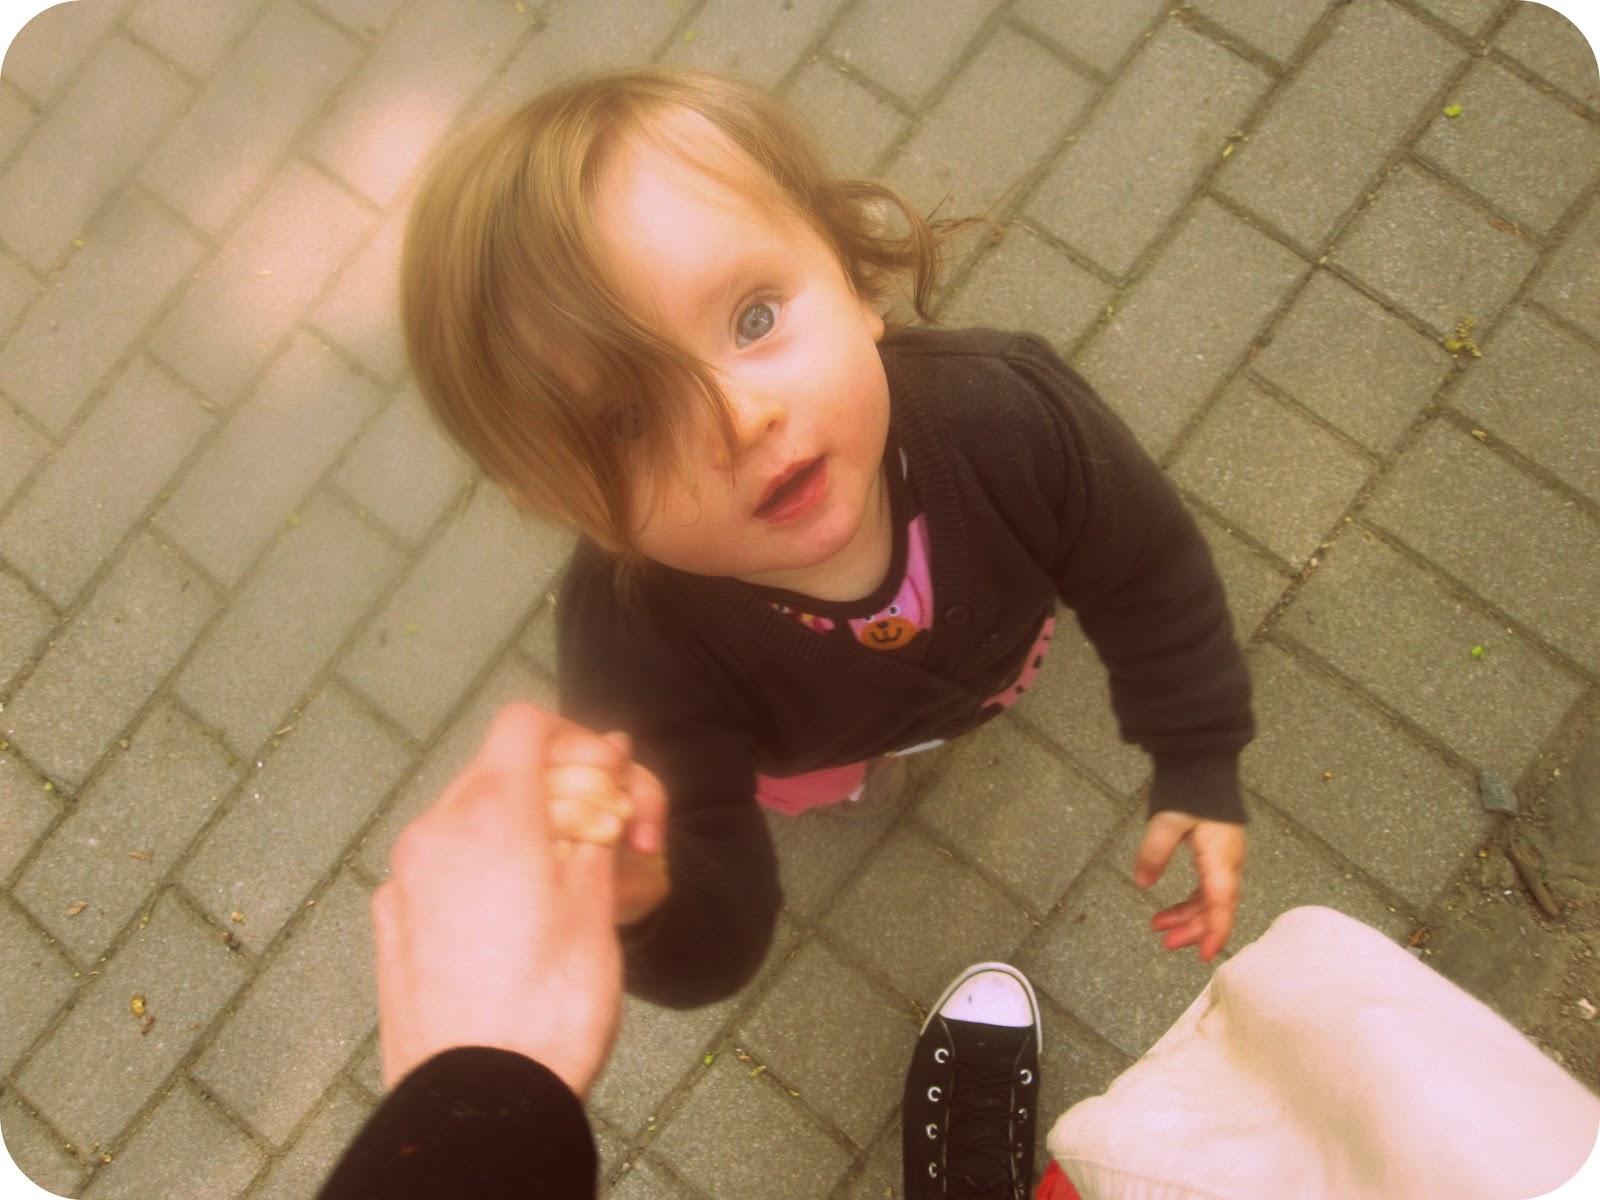 Mein Baby bevor ich ihr sage, dass wir auf den Spielplatz gehen